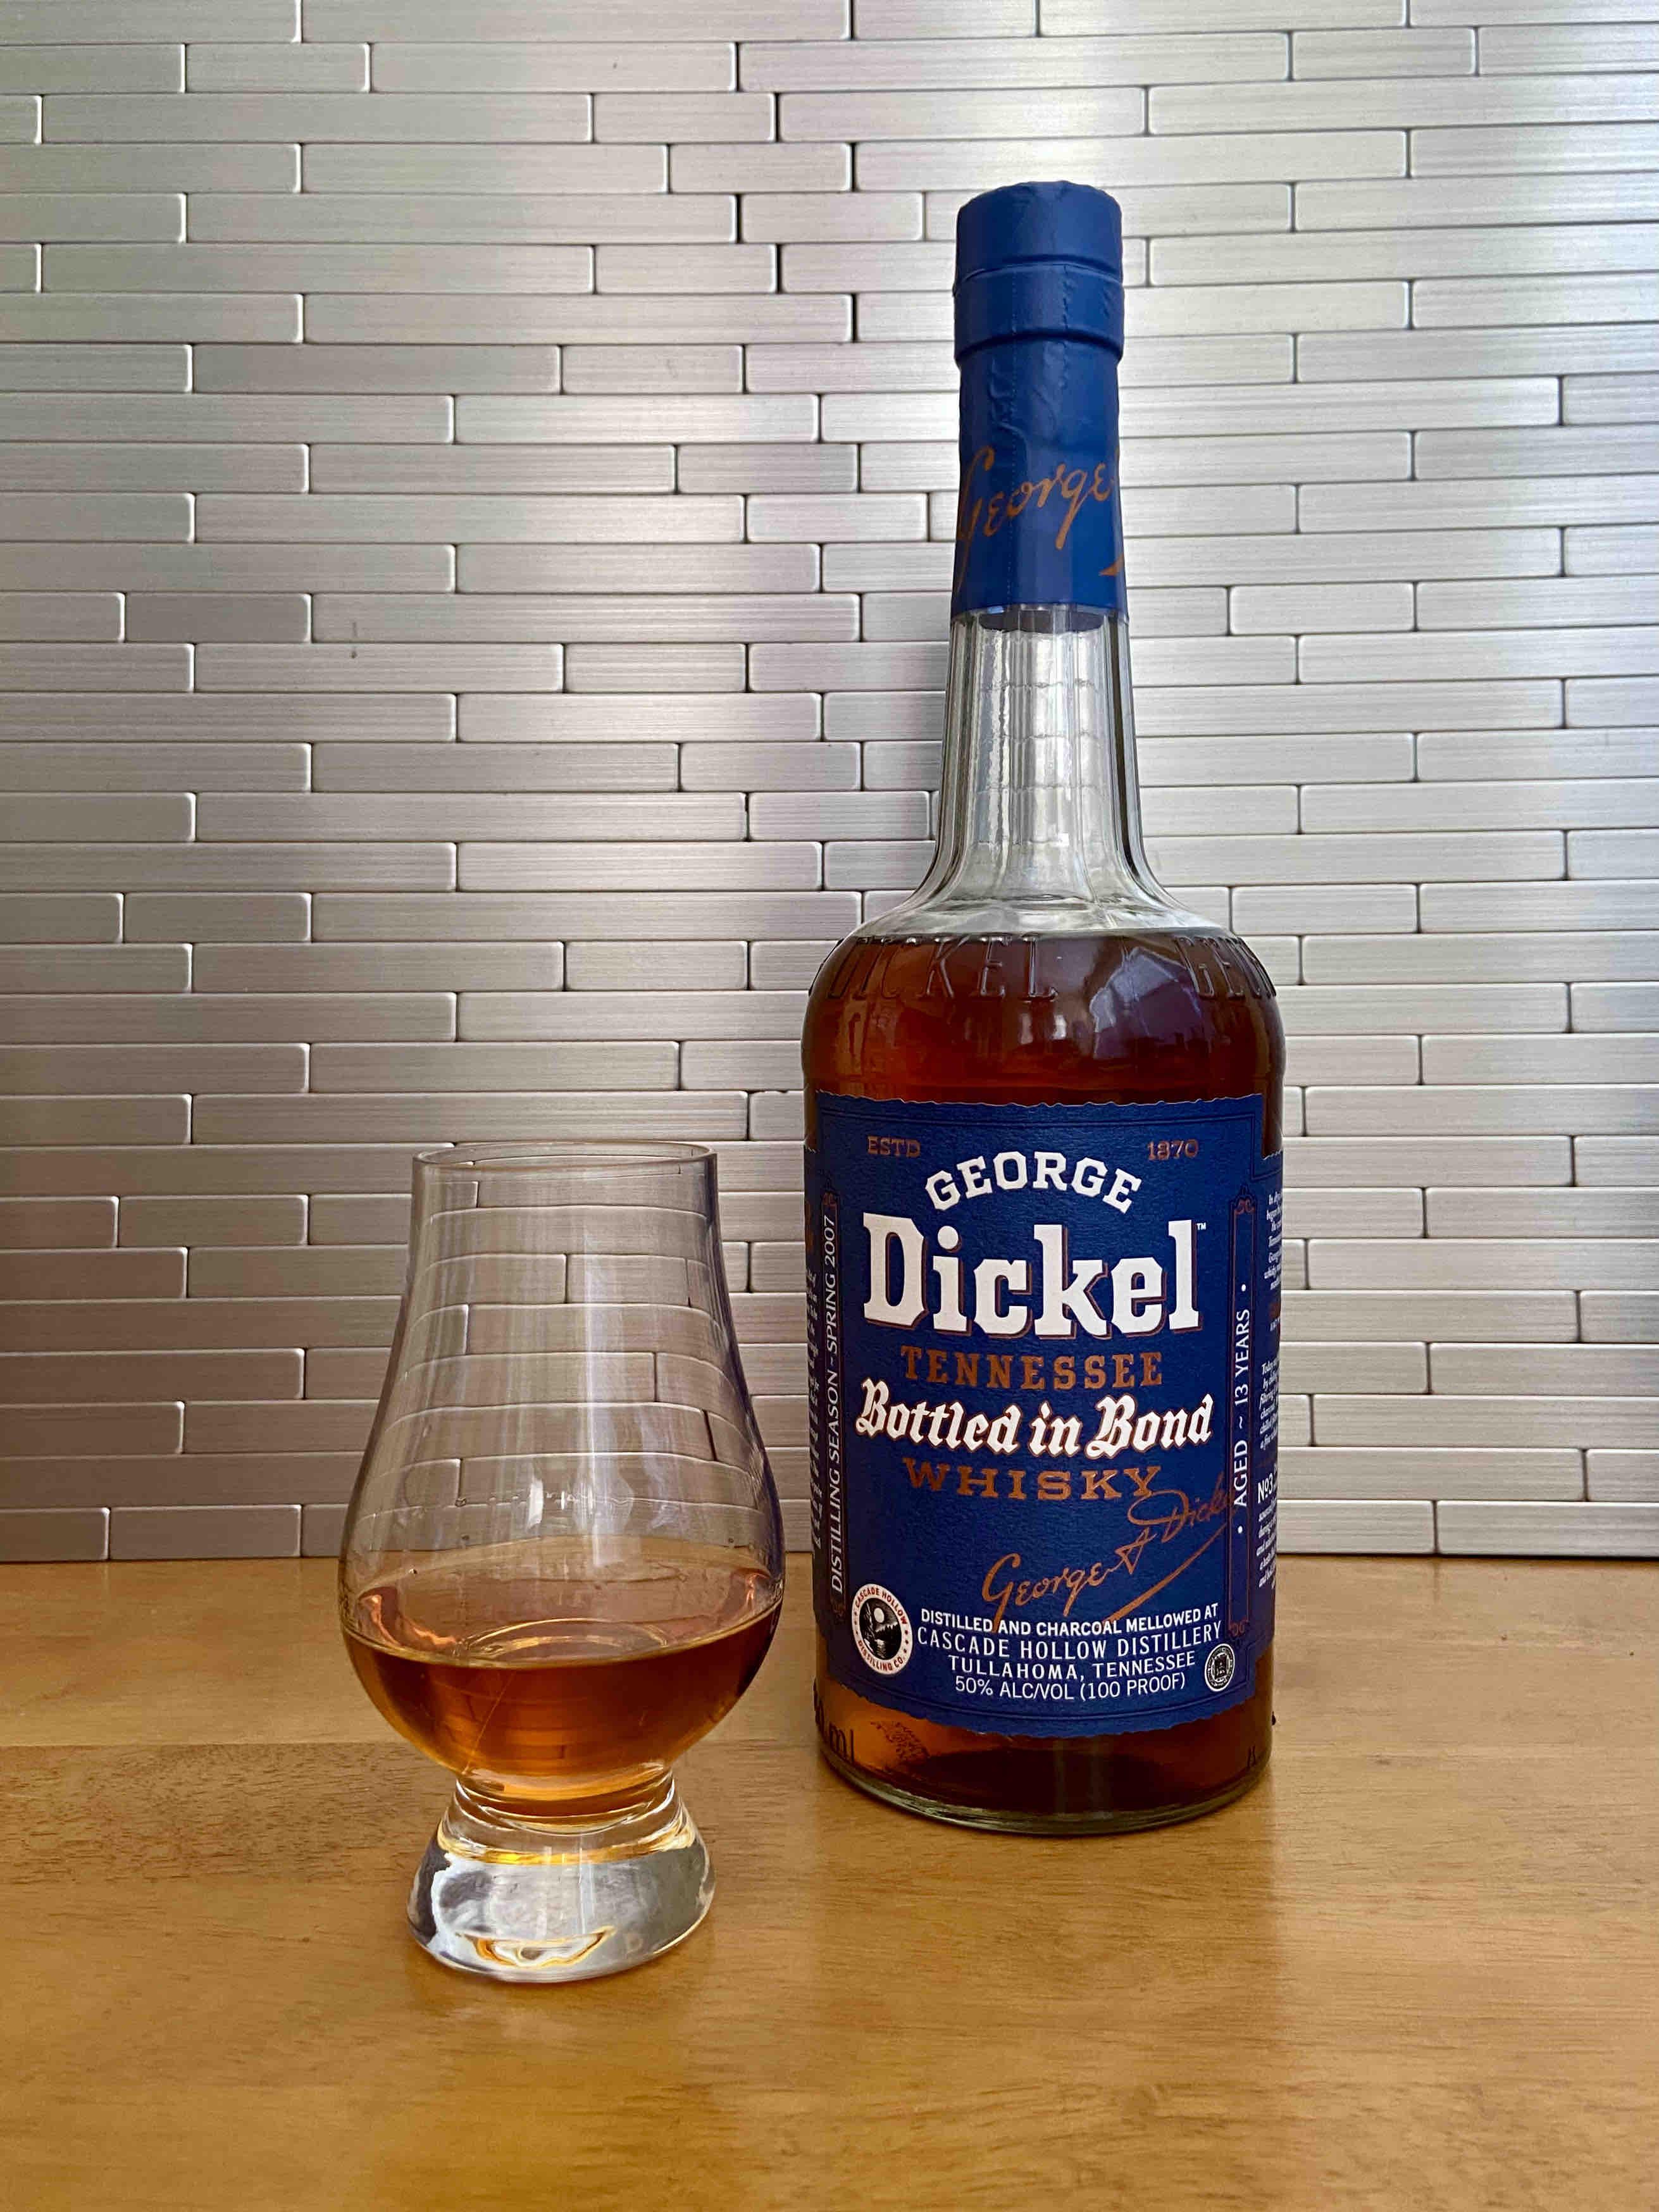 George Dickel Bottled in Bond Distilling Season Spring 2007